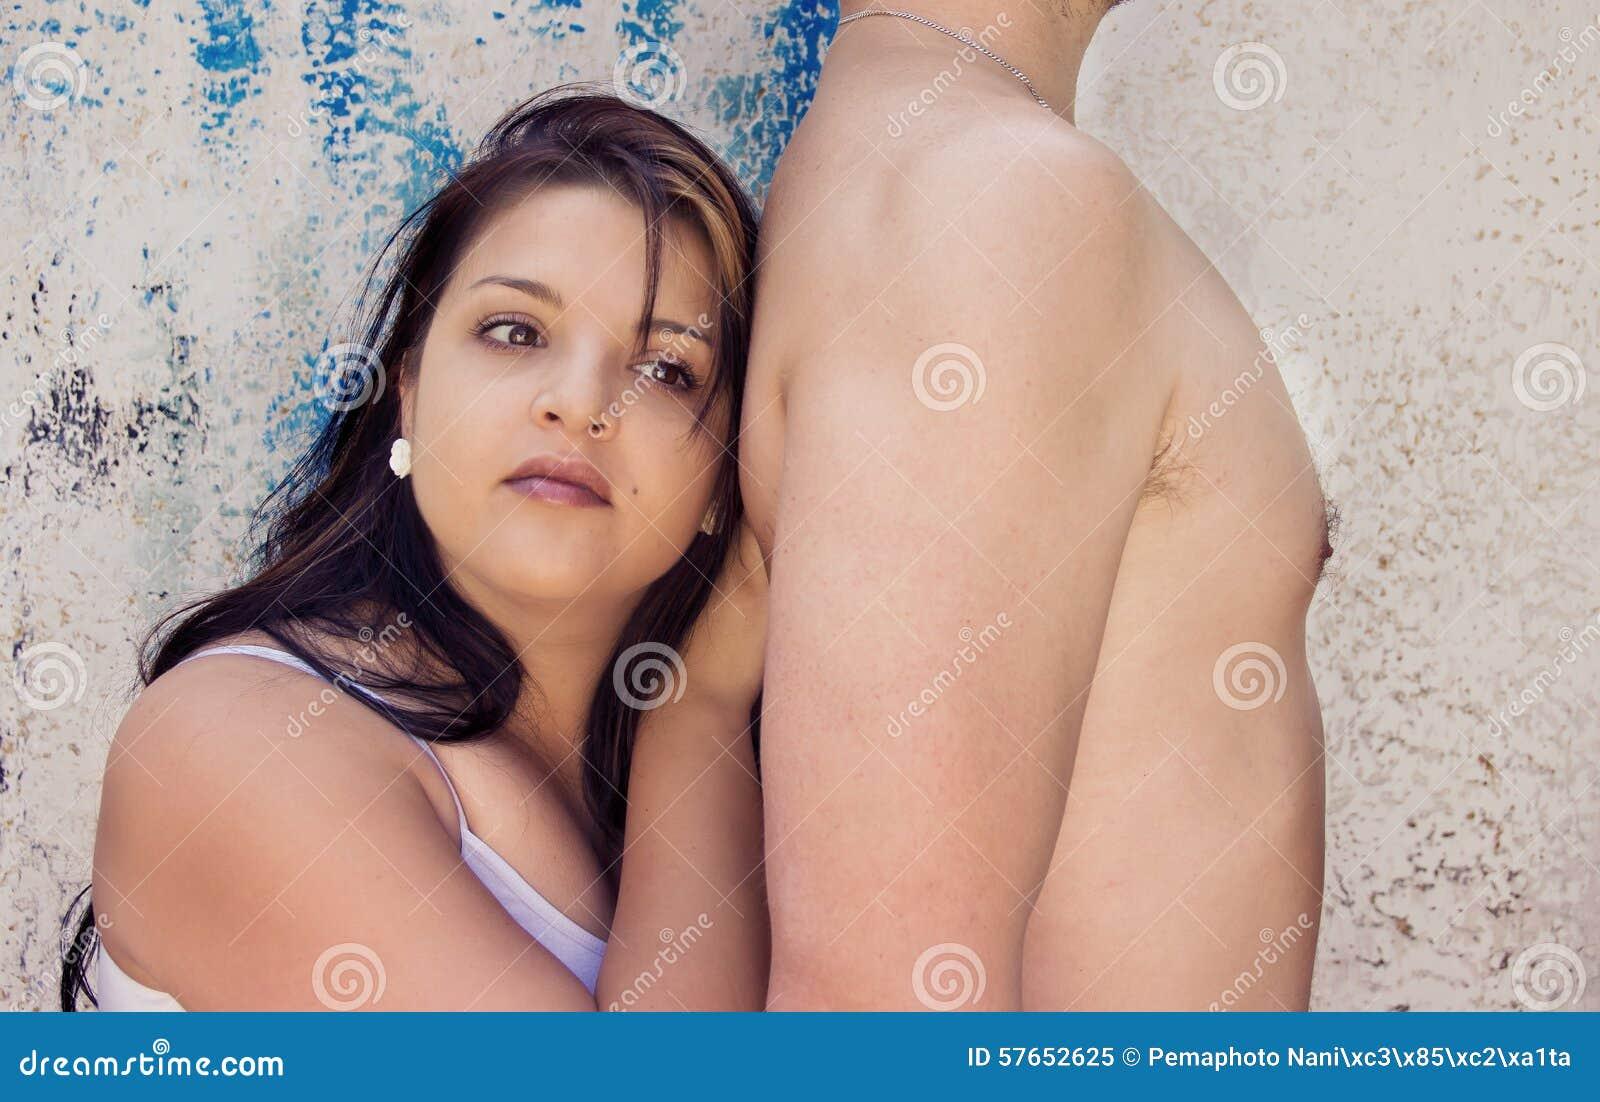 Mąż żona jest Oparta na mężczyzna Z powrotem